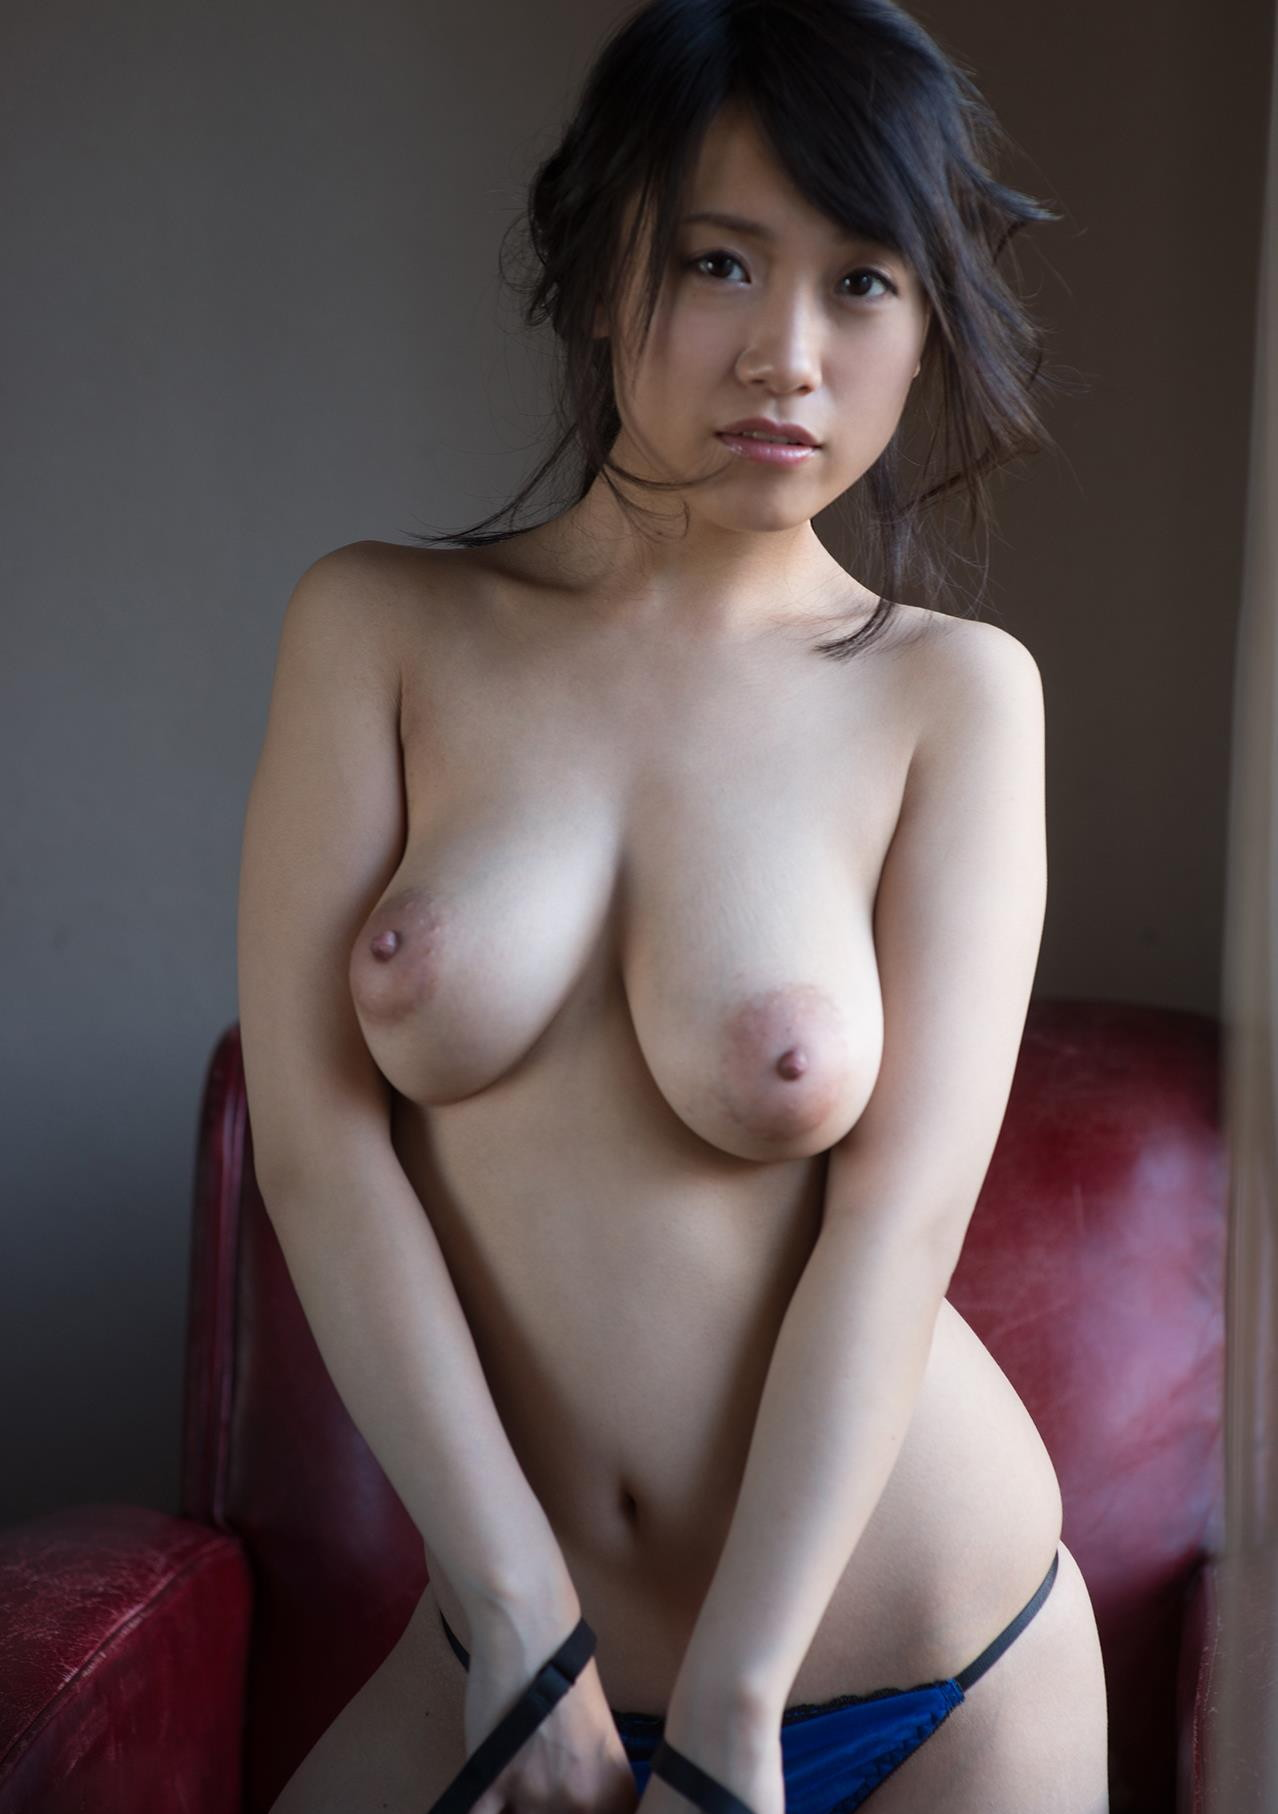 長瀬麻美 画像 077